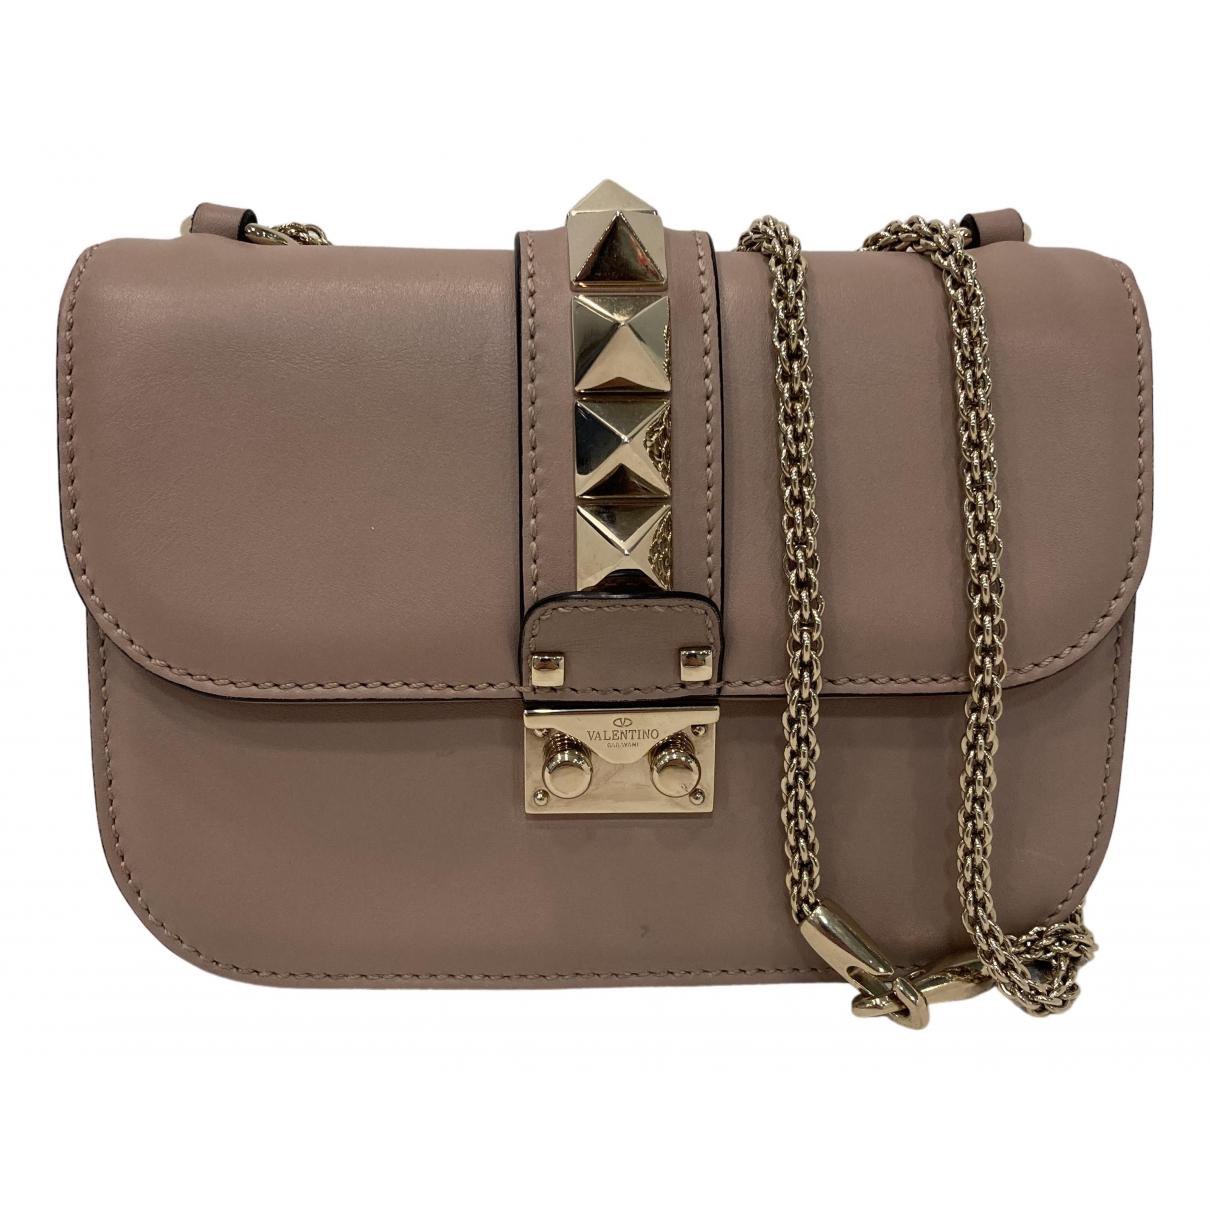 Valentino Garavani Glam Lock Handtasche in Leder